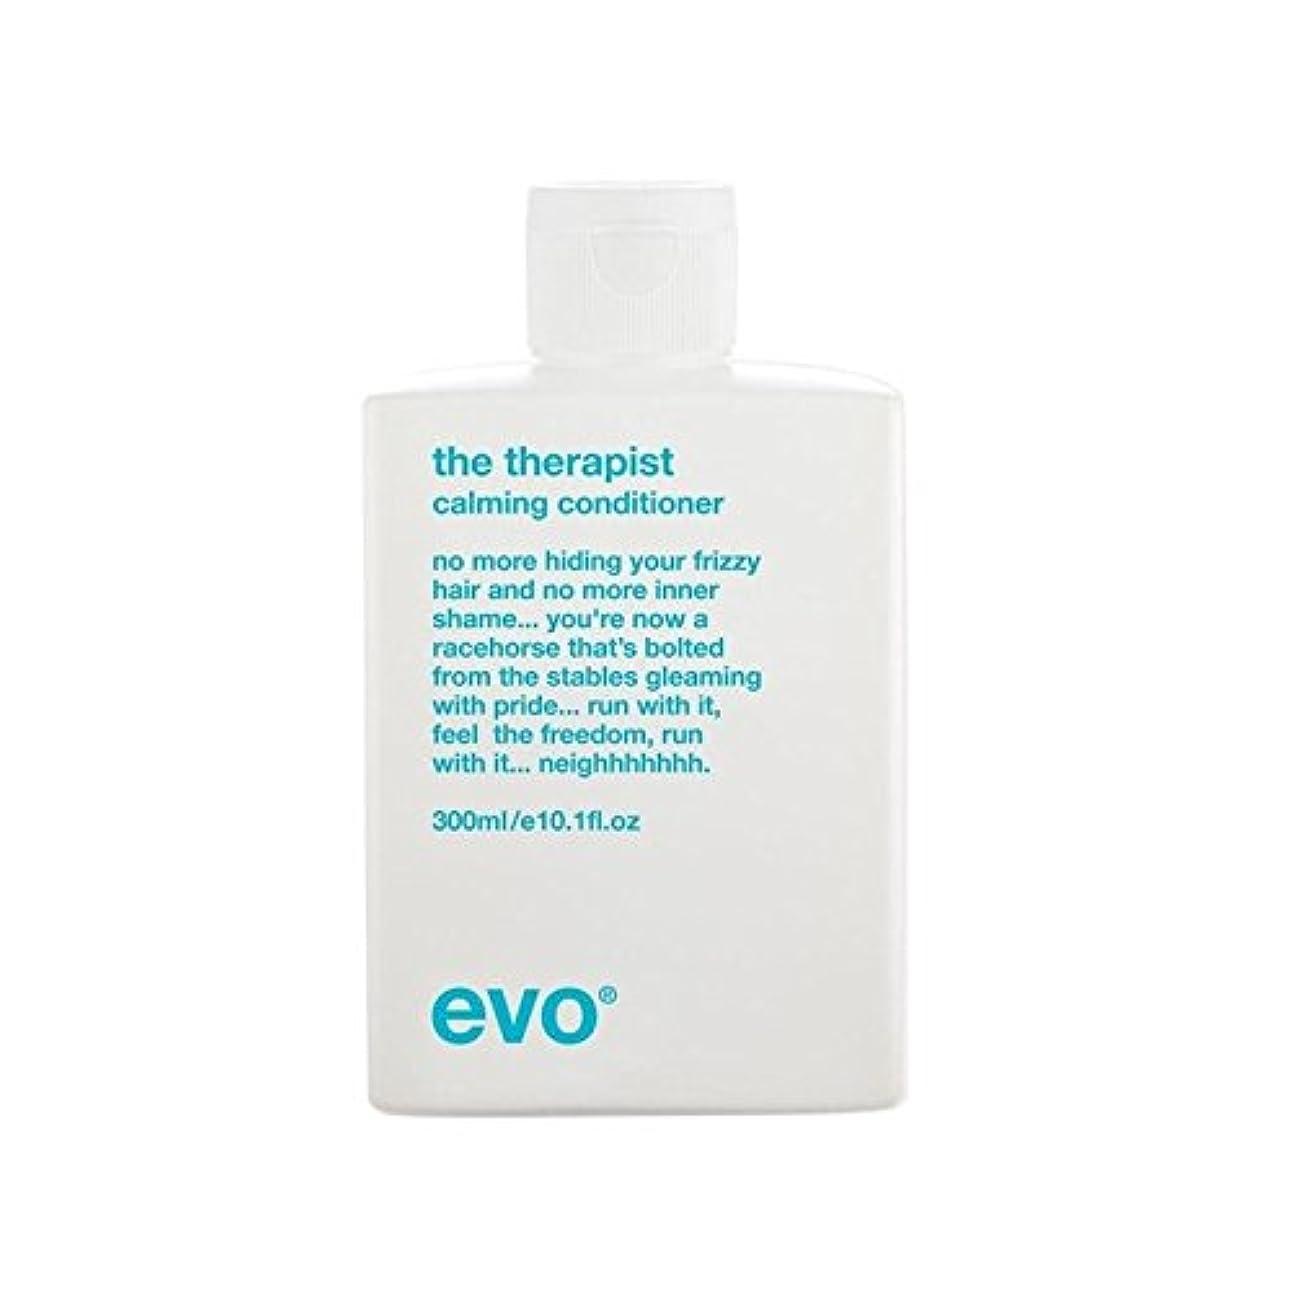 イベント抑制する仮定、想定。推測セラピスト沈静コンディショナー(300ミリリットル) x2 - Evo The Therapist Calming Conditioner (300ml) (Pack of 2) [並行輸入品]